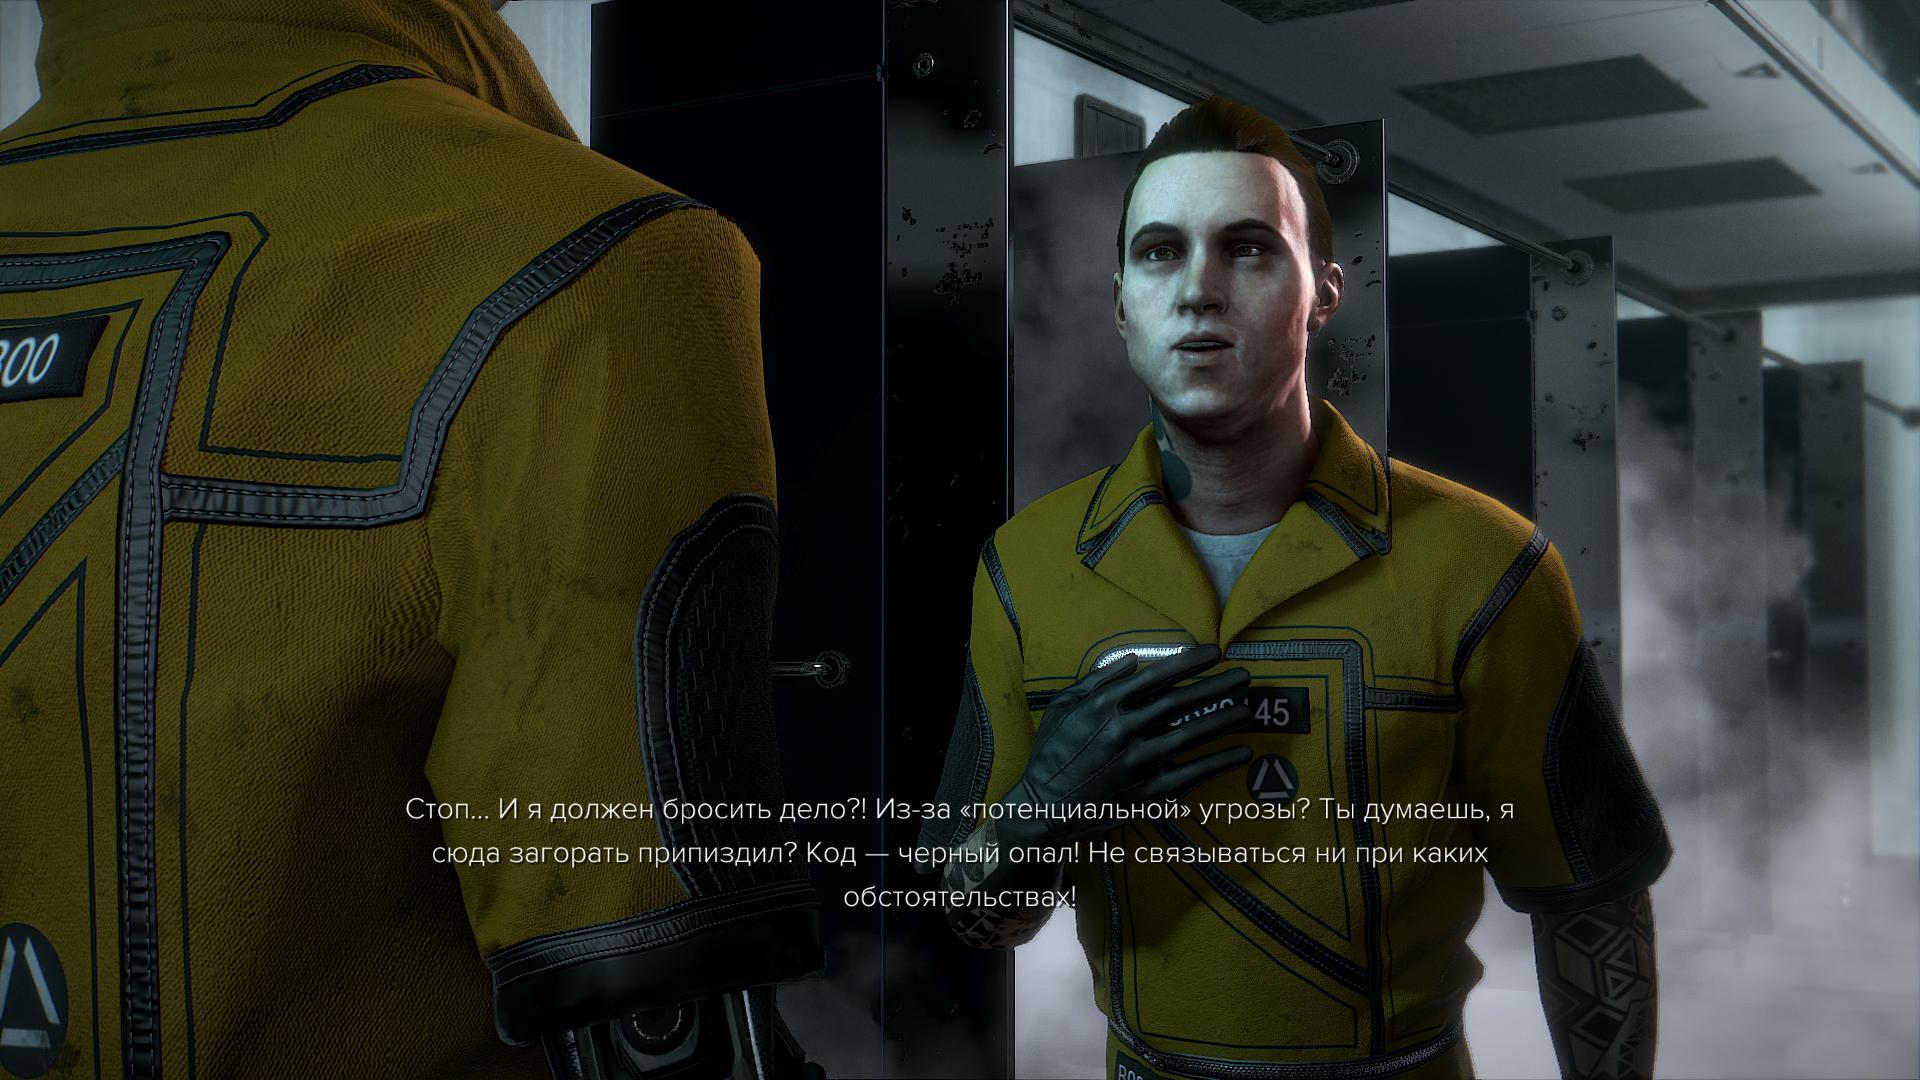 000377.Jpg - Deus Ex: Mankind Divided